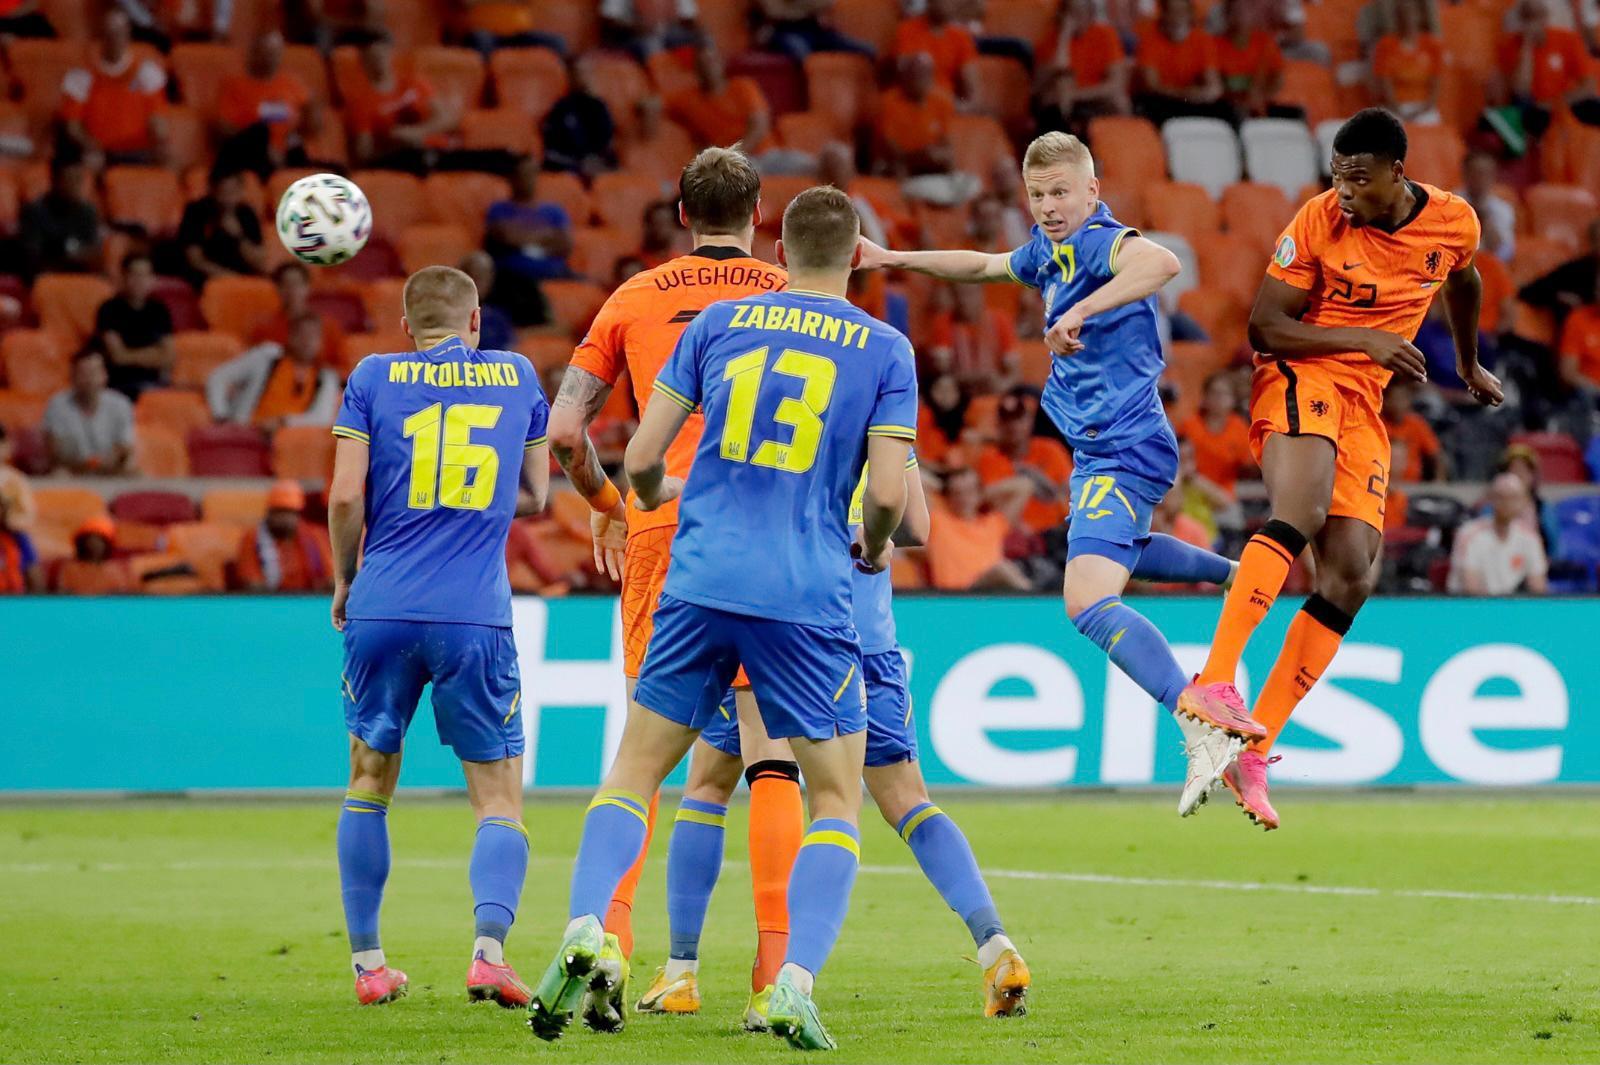 Dumfries trong tình huống đánh đầu ghi bàn ấn định thắng lợi 3-2 cho Hà Lan trước Ukraine ngày ra quân Euro 2021. Ảnh: KNVB